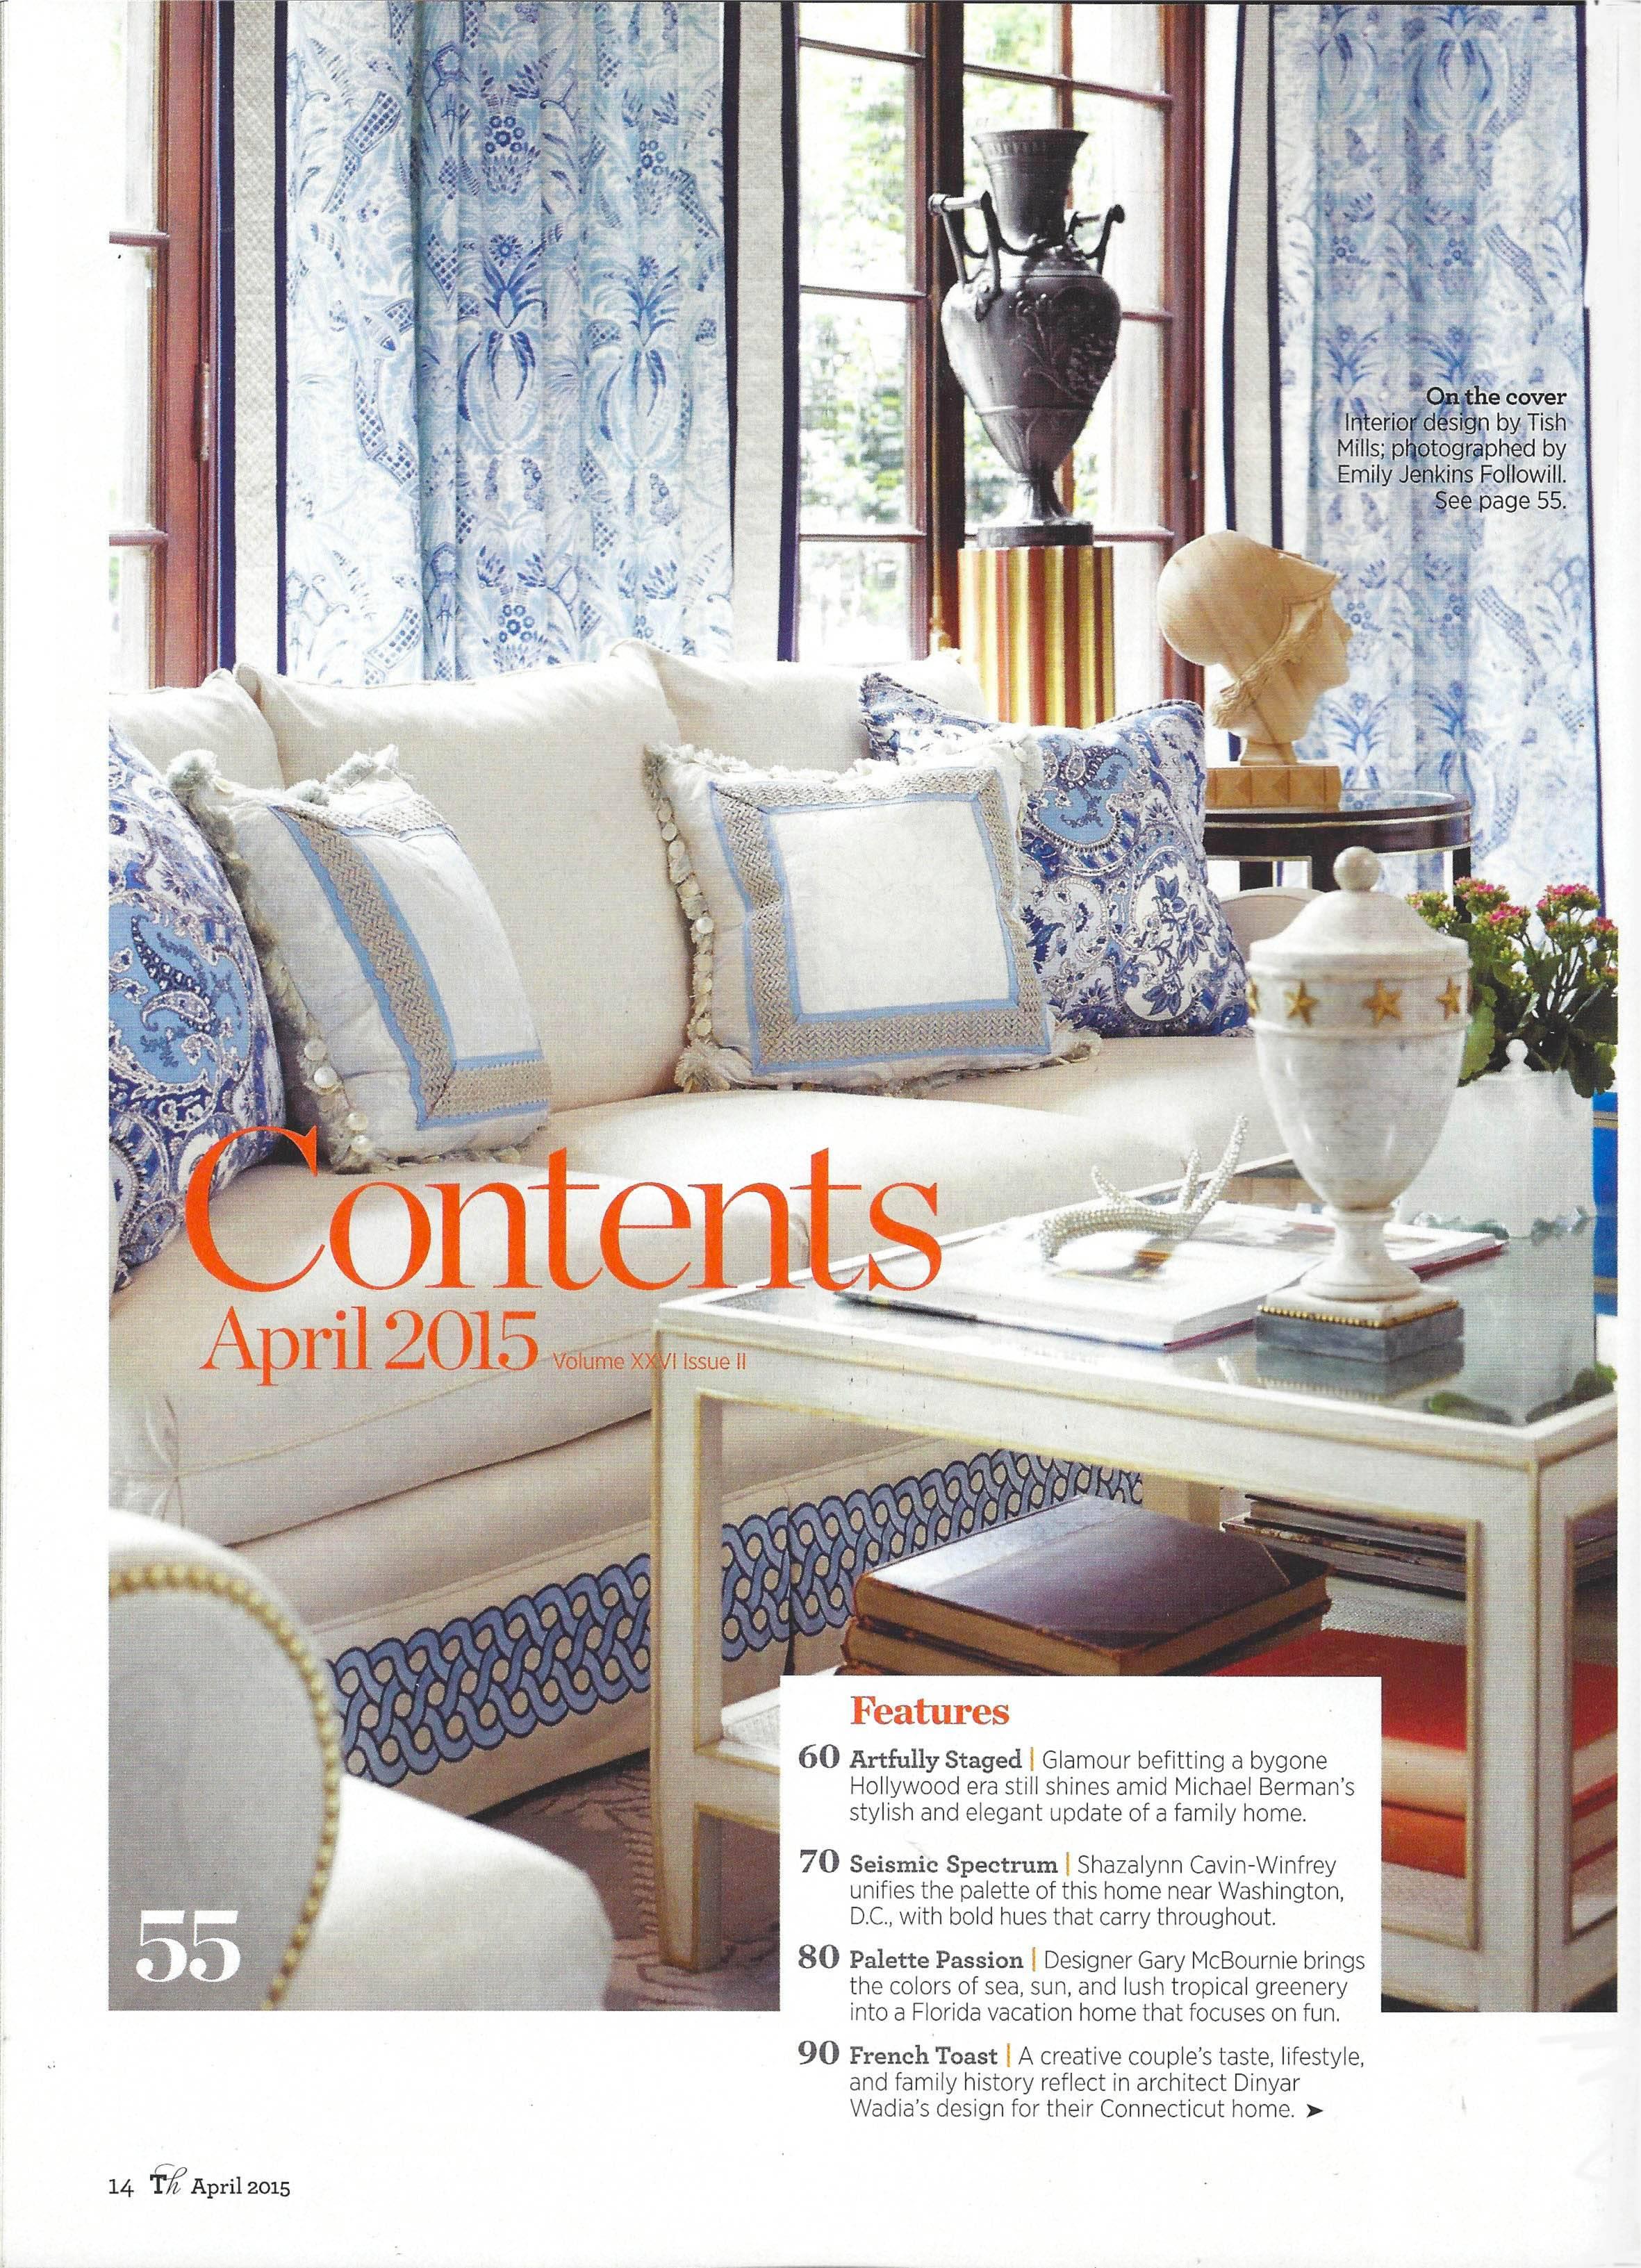 Press - Interior Design News - Traditional Home, April 2015 ...